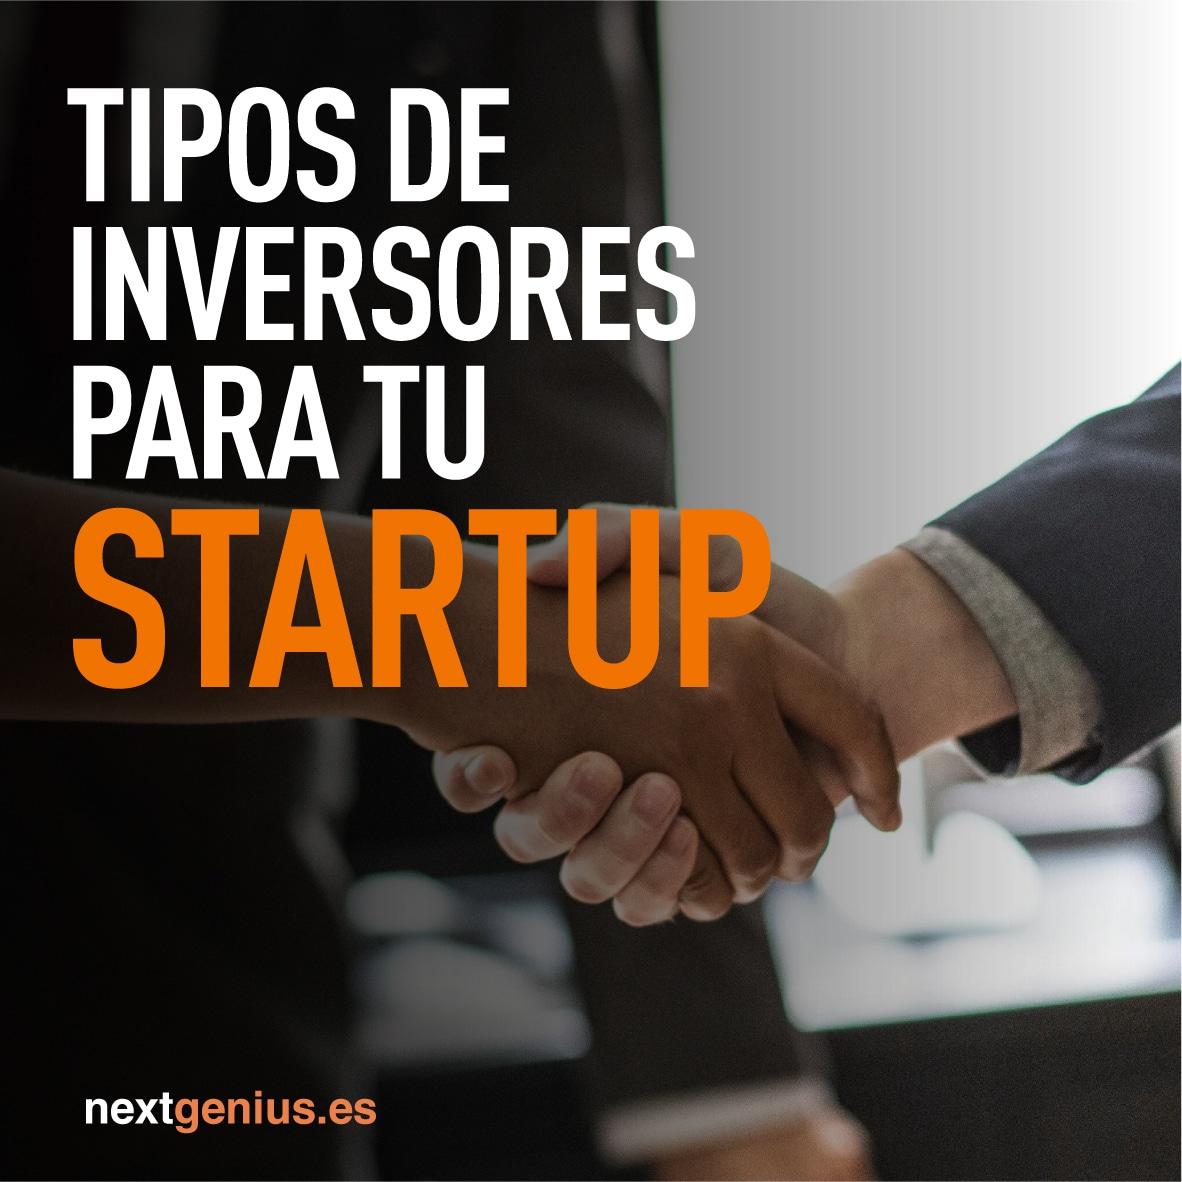 Tipos de inversores para mi startup